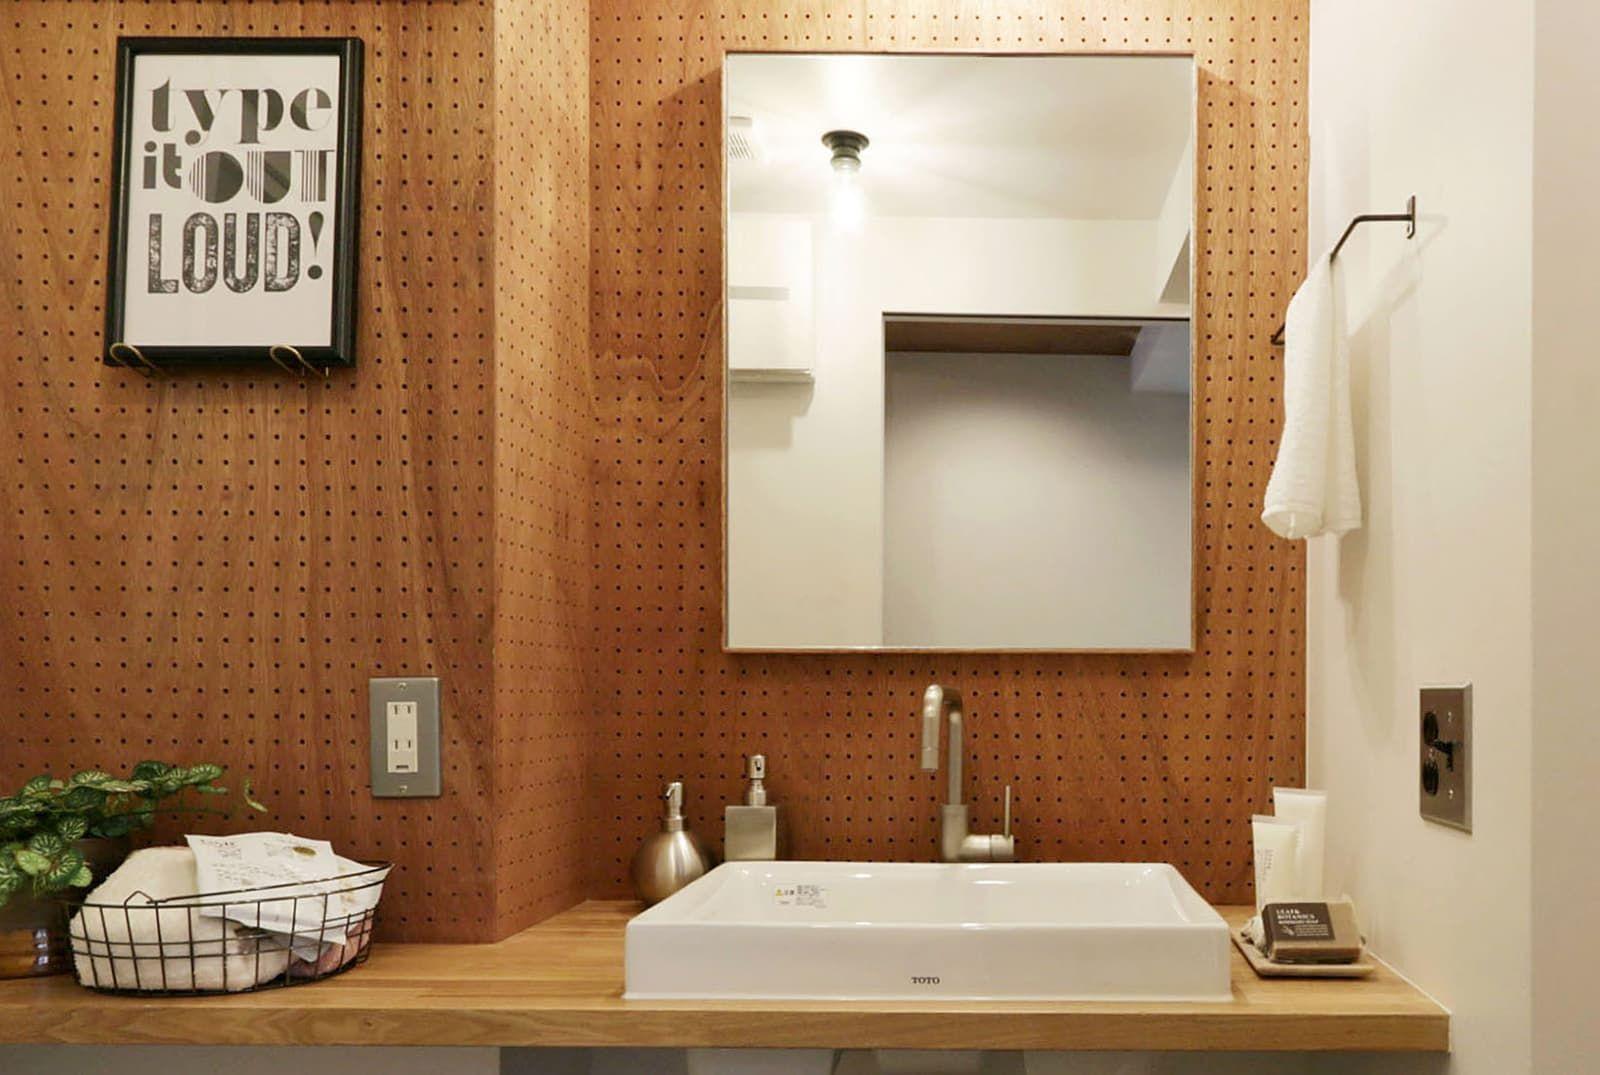 ラワンの洗面ミラーは ラワン材を使った 木枠の洗面ミラーです シンプルなデザインでどんな空間にもマッチします サイズオーダーで幅と高さを指定できます ラワン 洗面 シンク